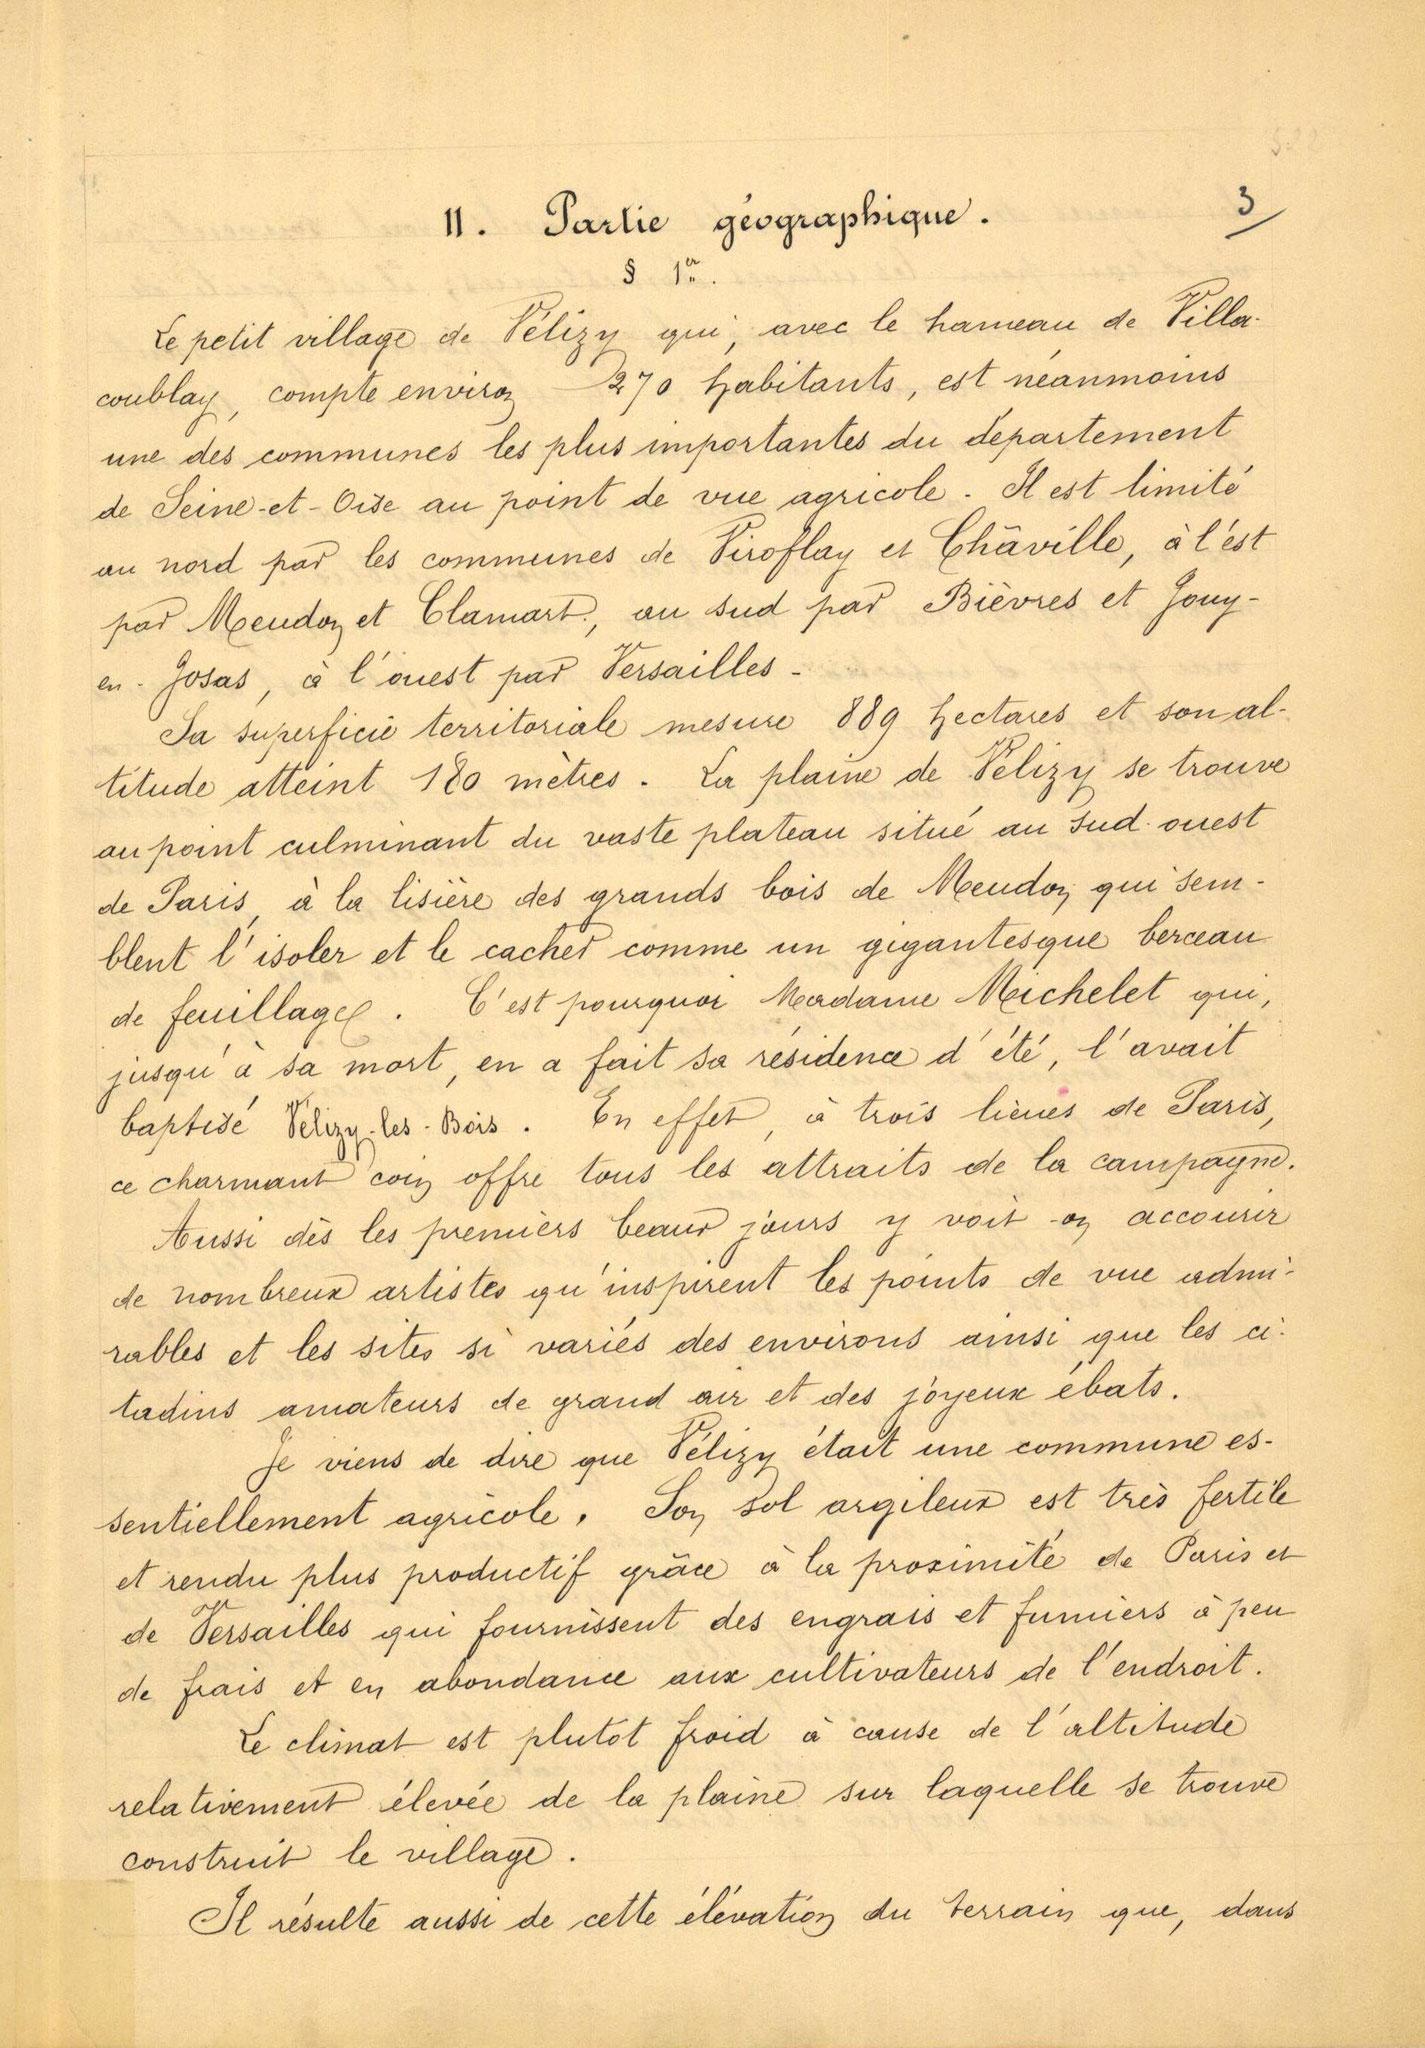 Page 3 - Monographie communale de l'instituteur de Vélizy, 1899